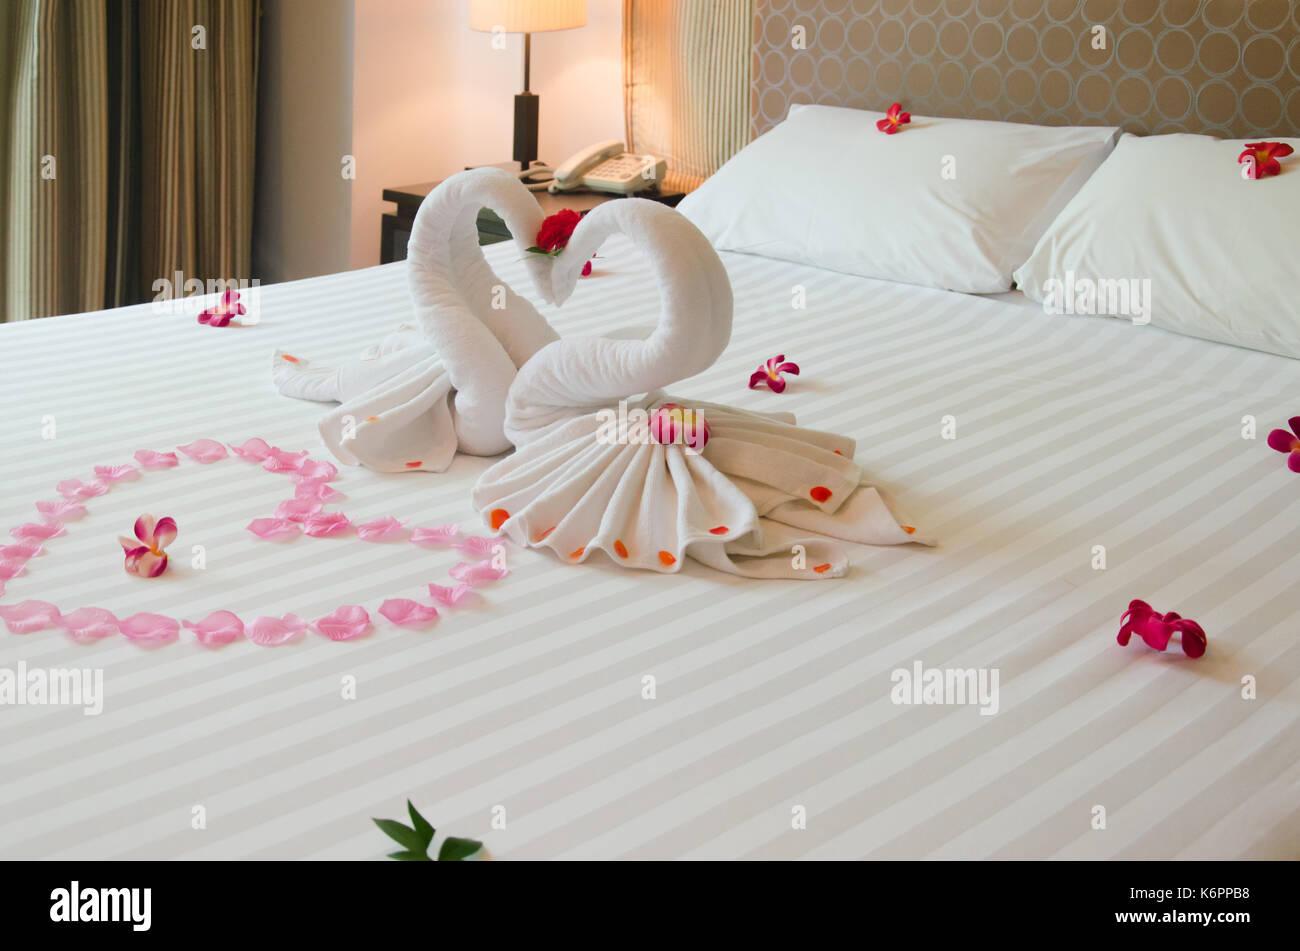 Foto Di Camere Da Letto Romantiche : Camera da letto interni swan asciugamano e fiori di orchidea sul